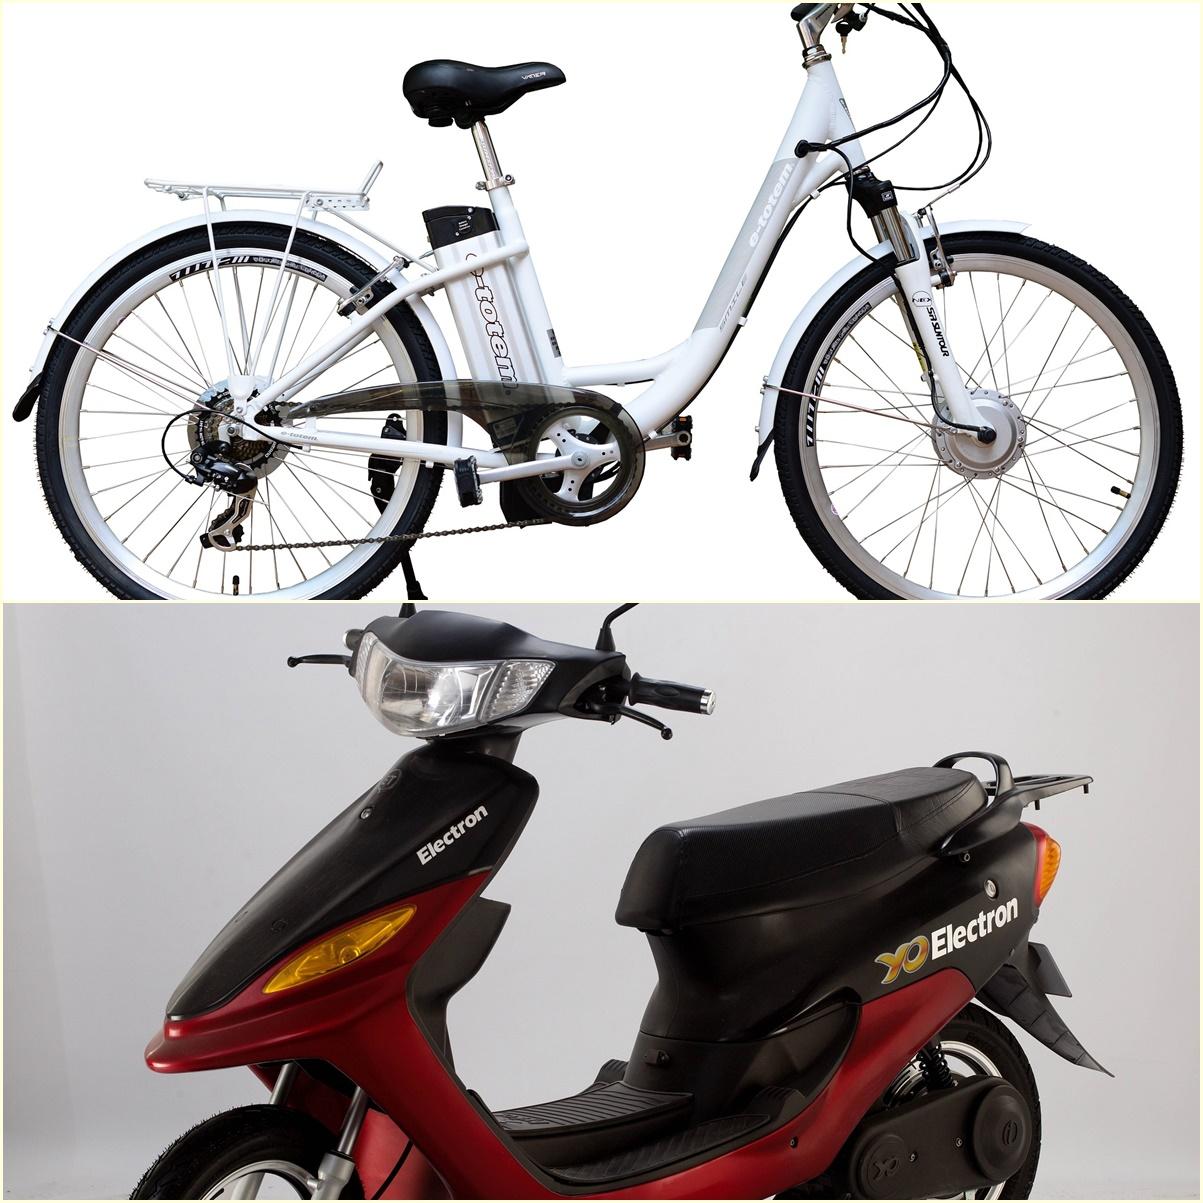 Bici elettrica o scooter: a volte è un problema di percezione